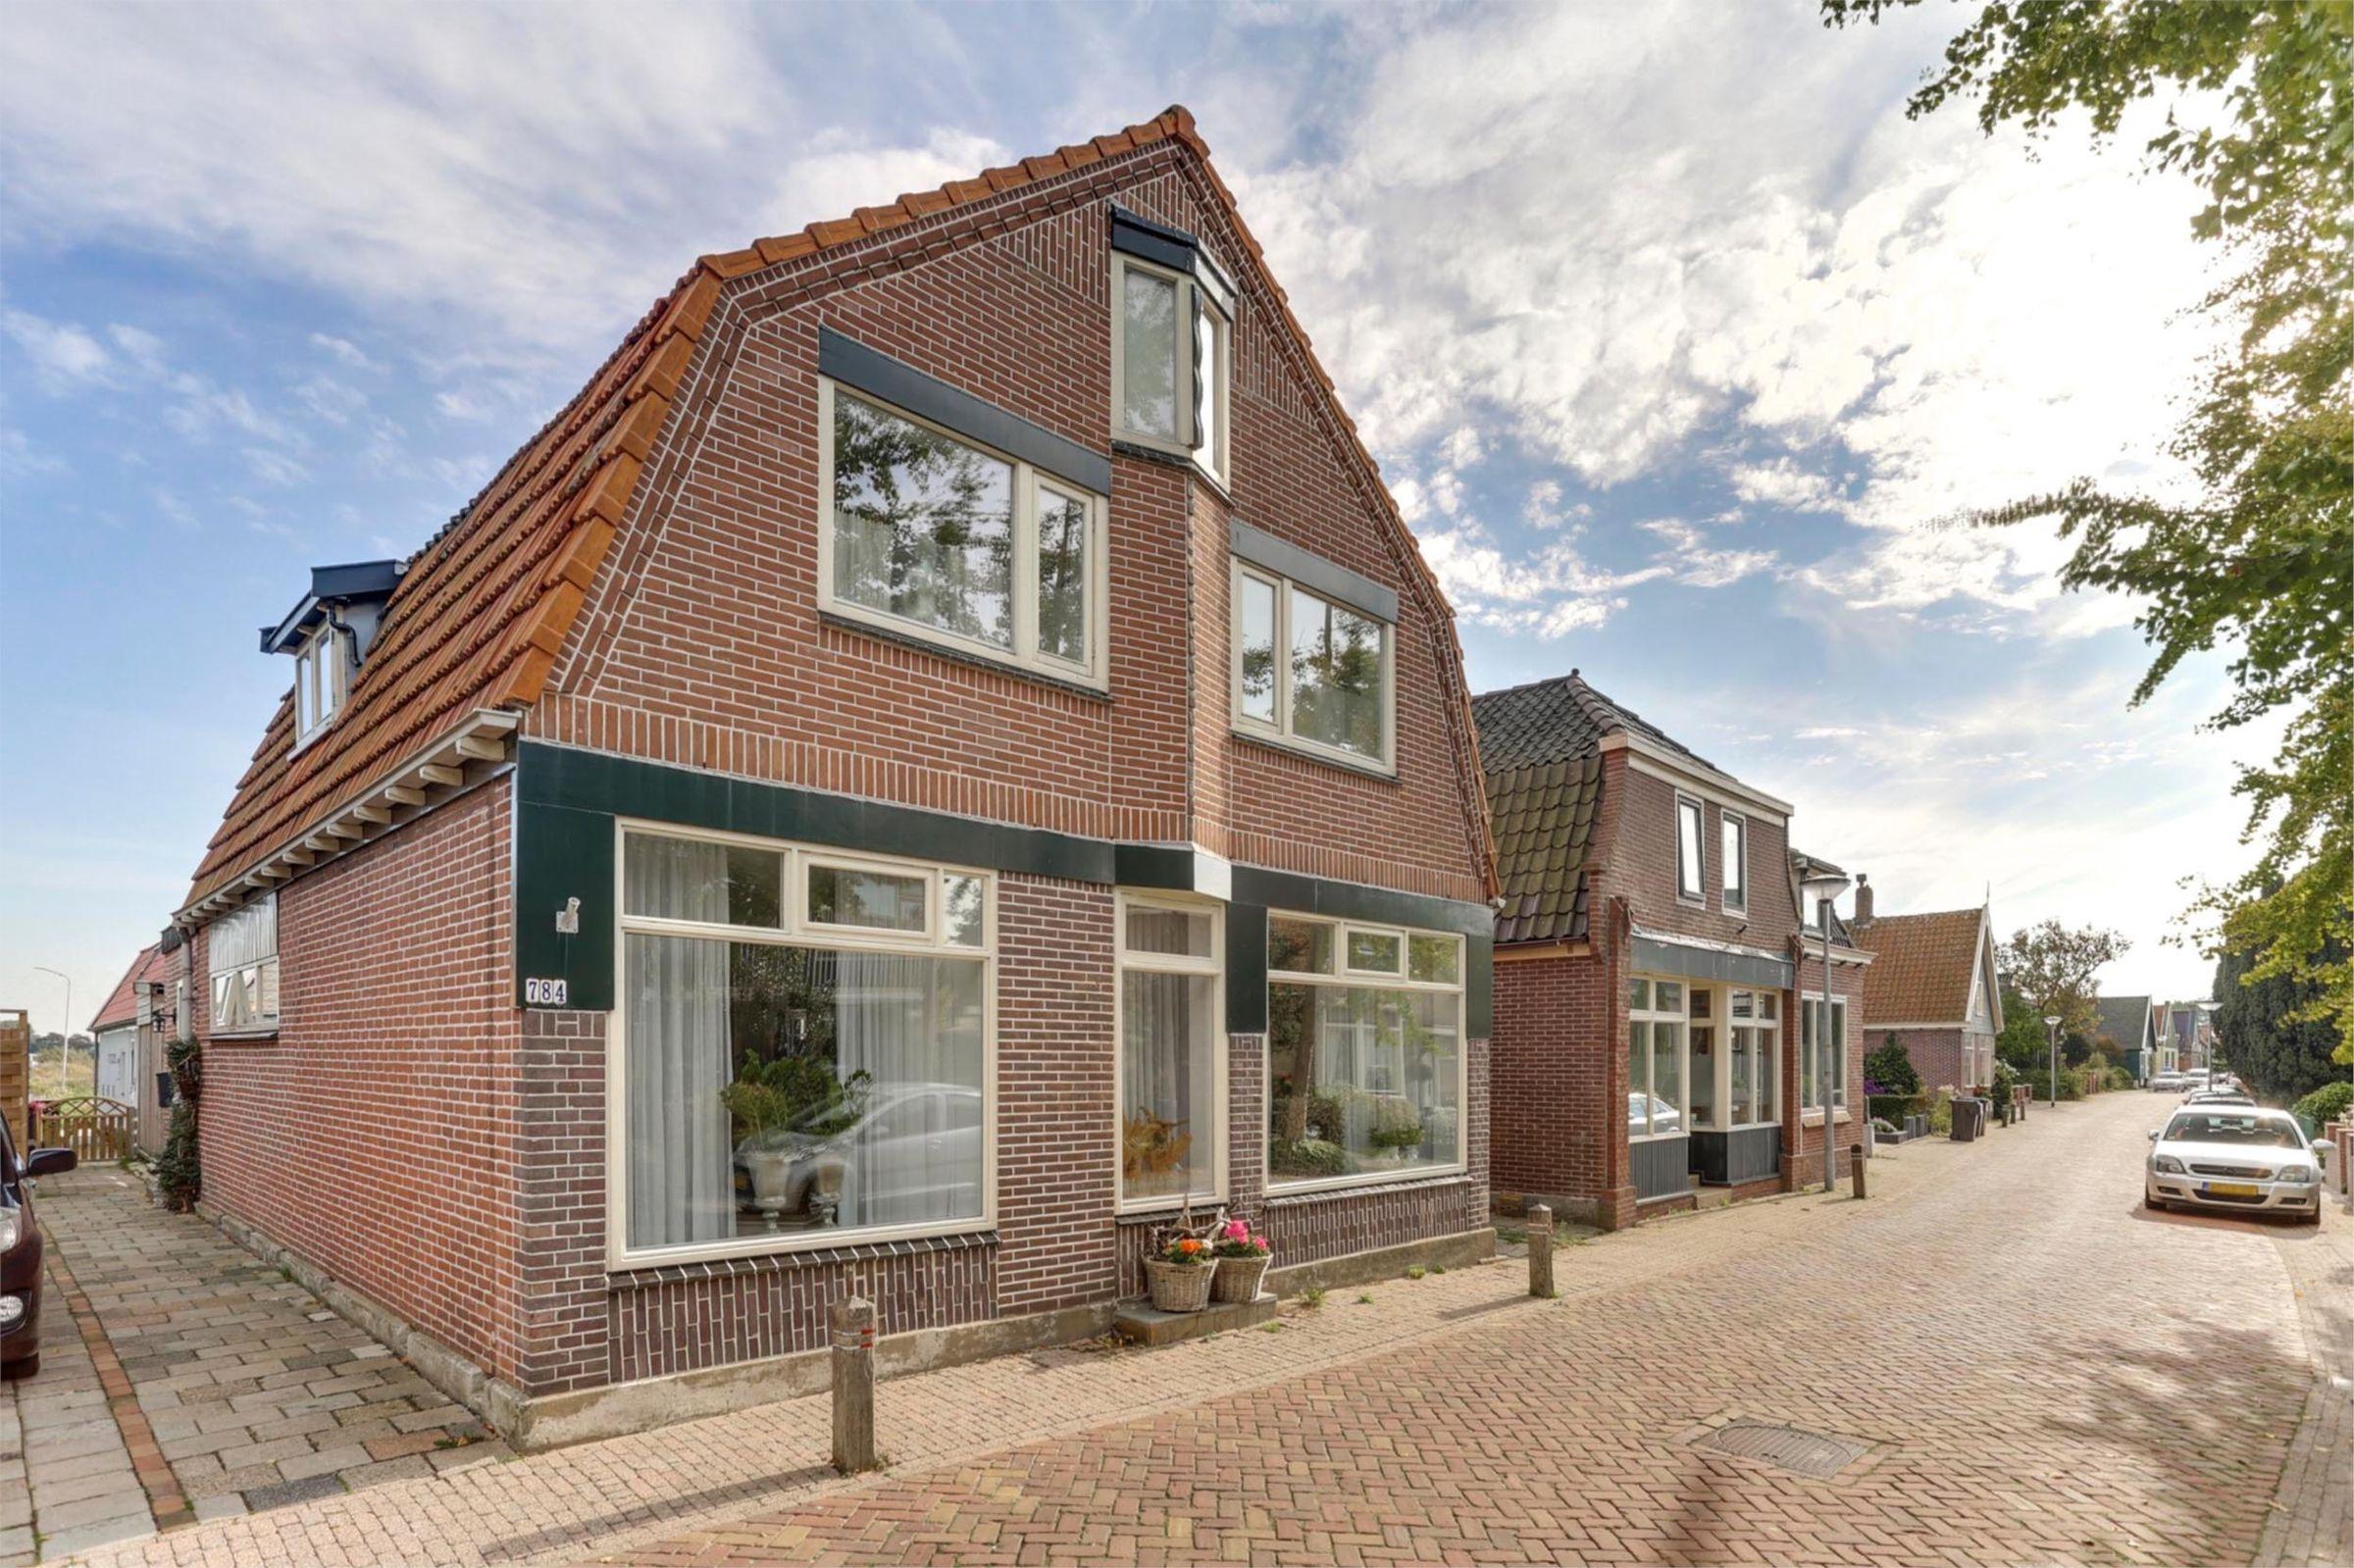 Dorpsstraat 784, Oudkarspel